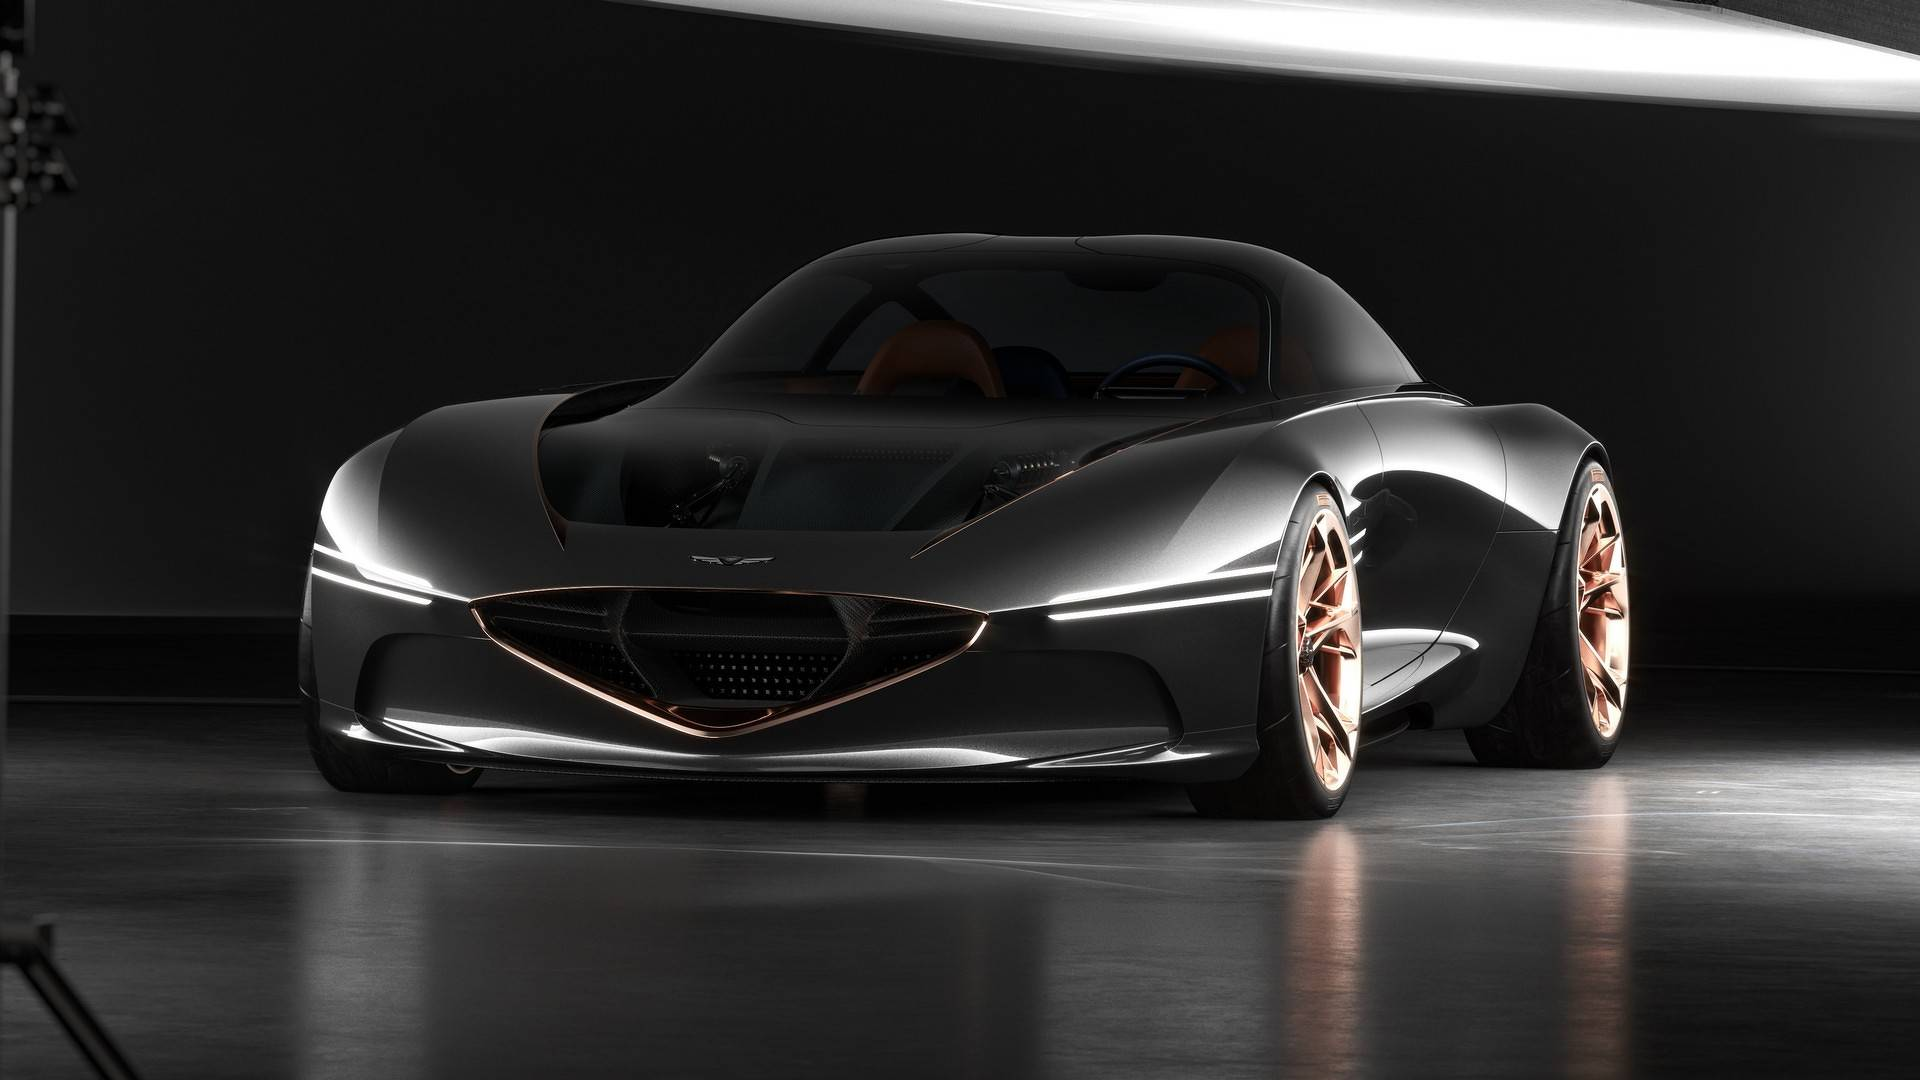 Ожидается, что оно станет предшественником серийного автомобиля класса Grand Tourismo, который встанет на конвейер в 2020 году